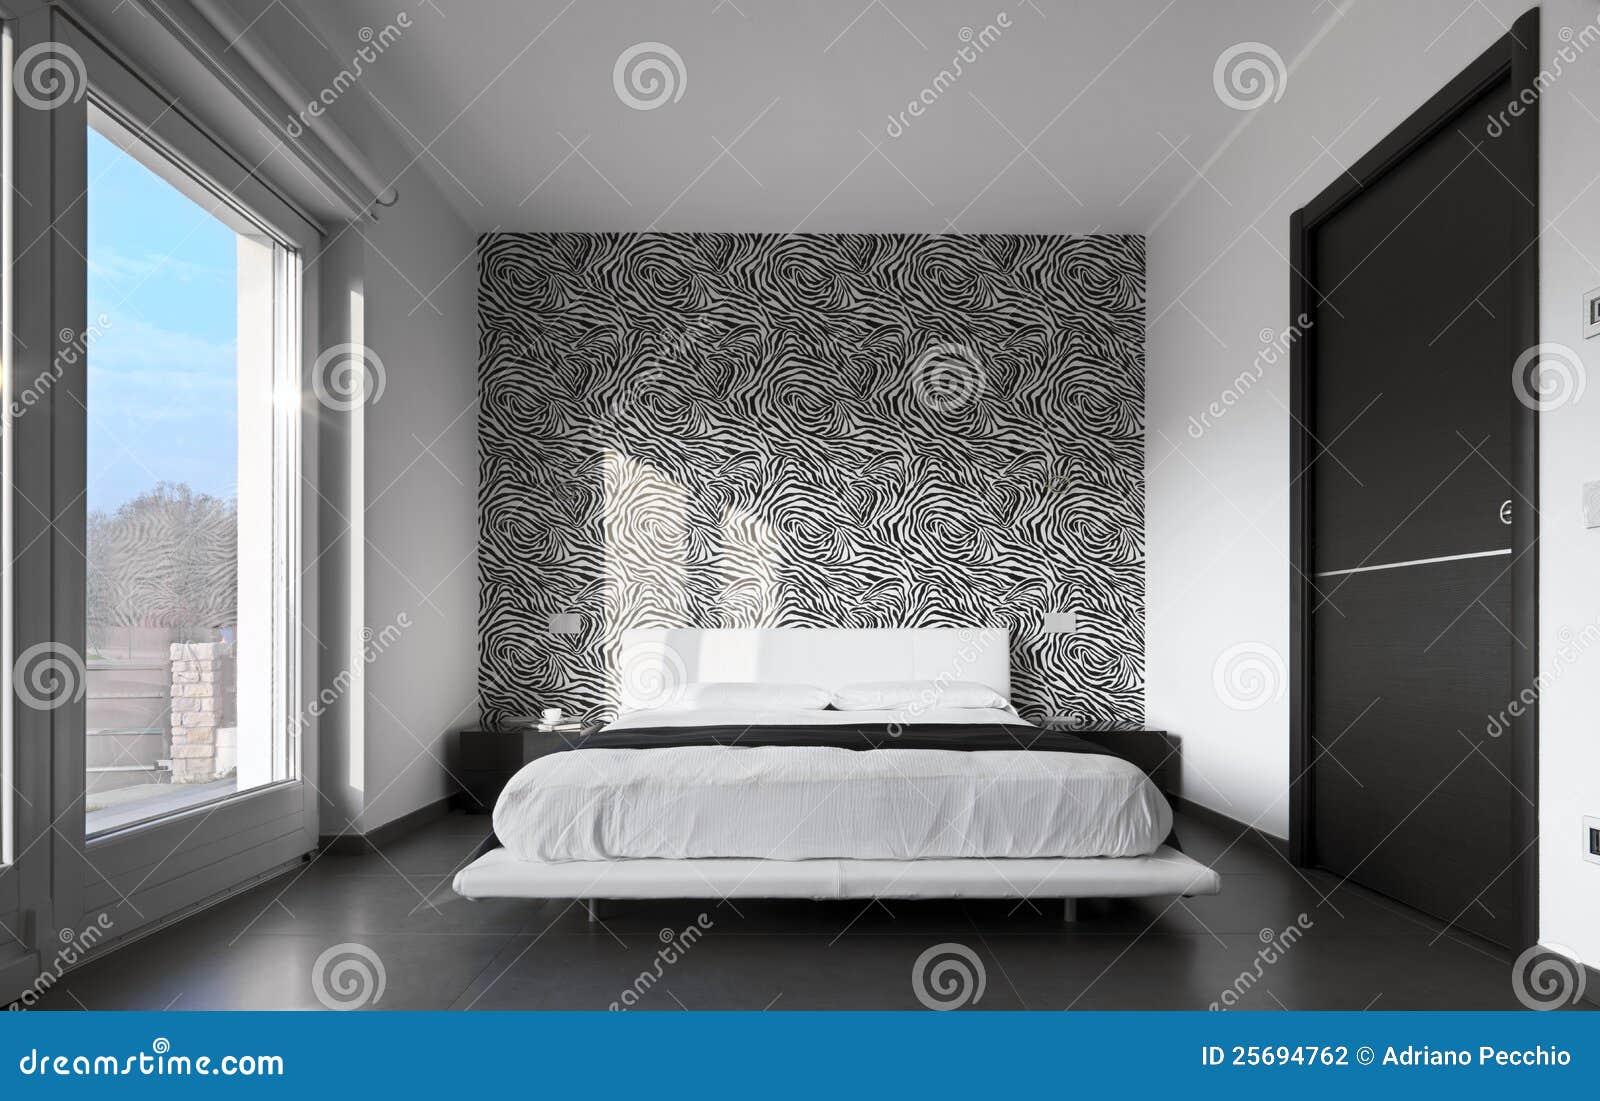 Chambre à Coucher Moderne Avec Le Papier De Mur Photo stock - Image ...